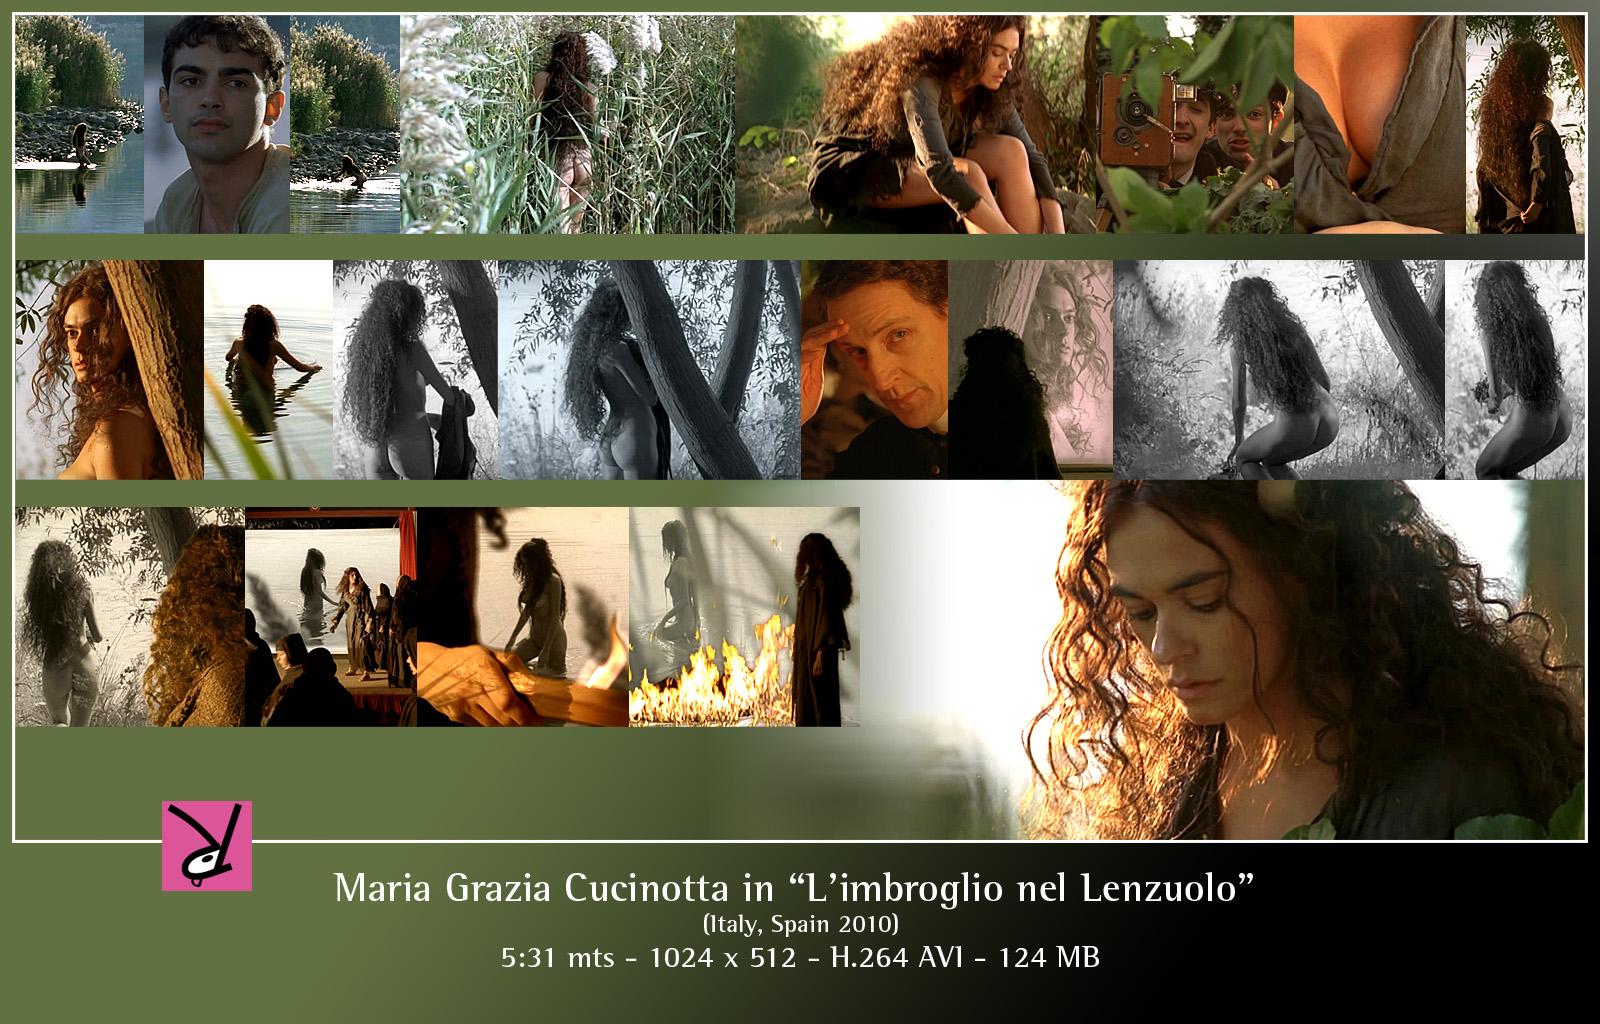 You were Maria grazia cucinotta nude pics accept. The